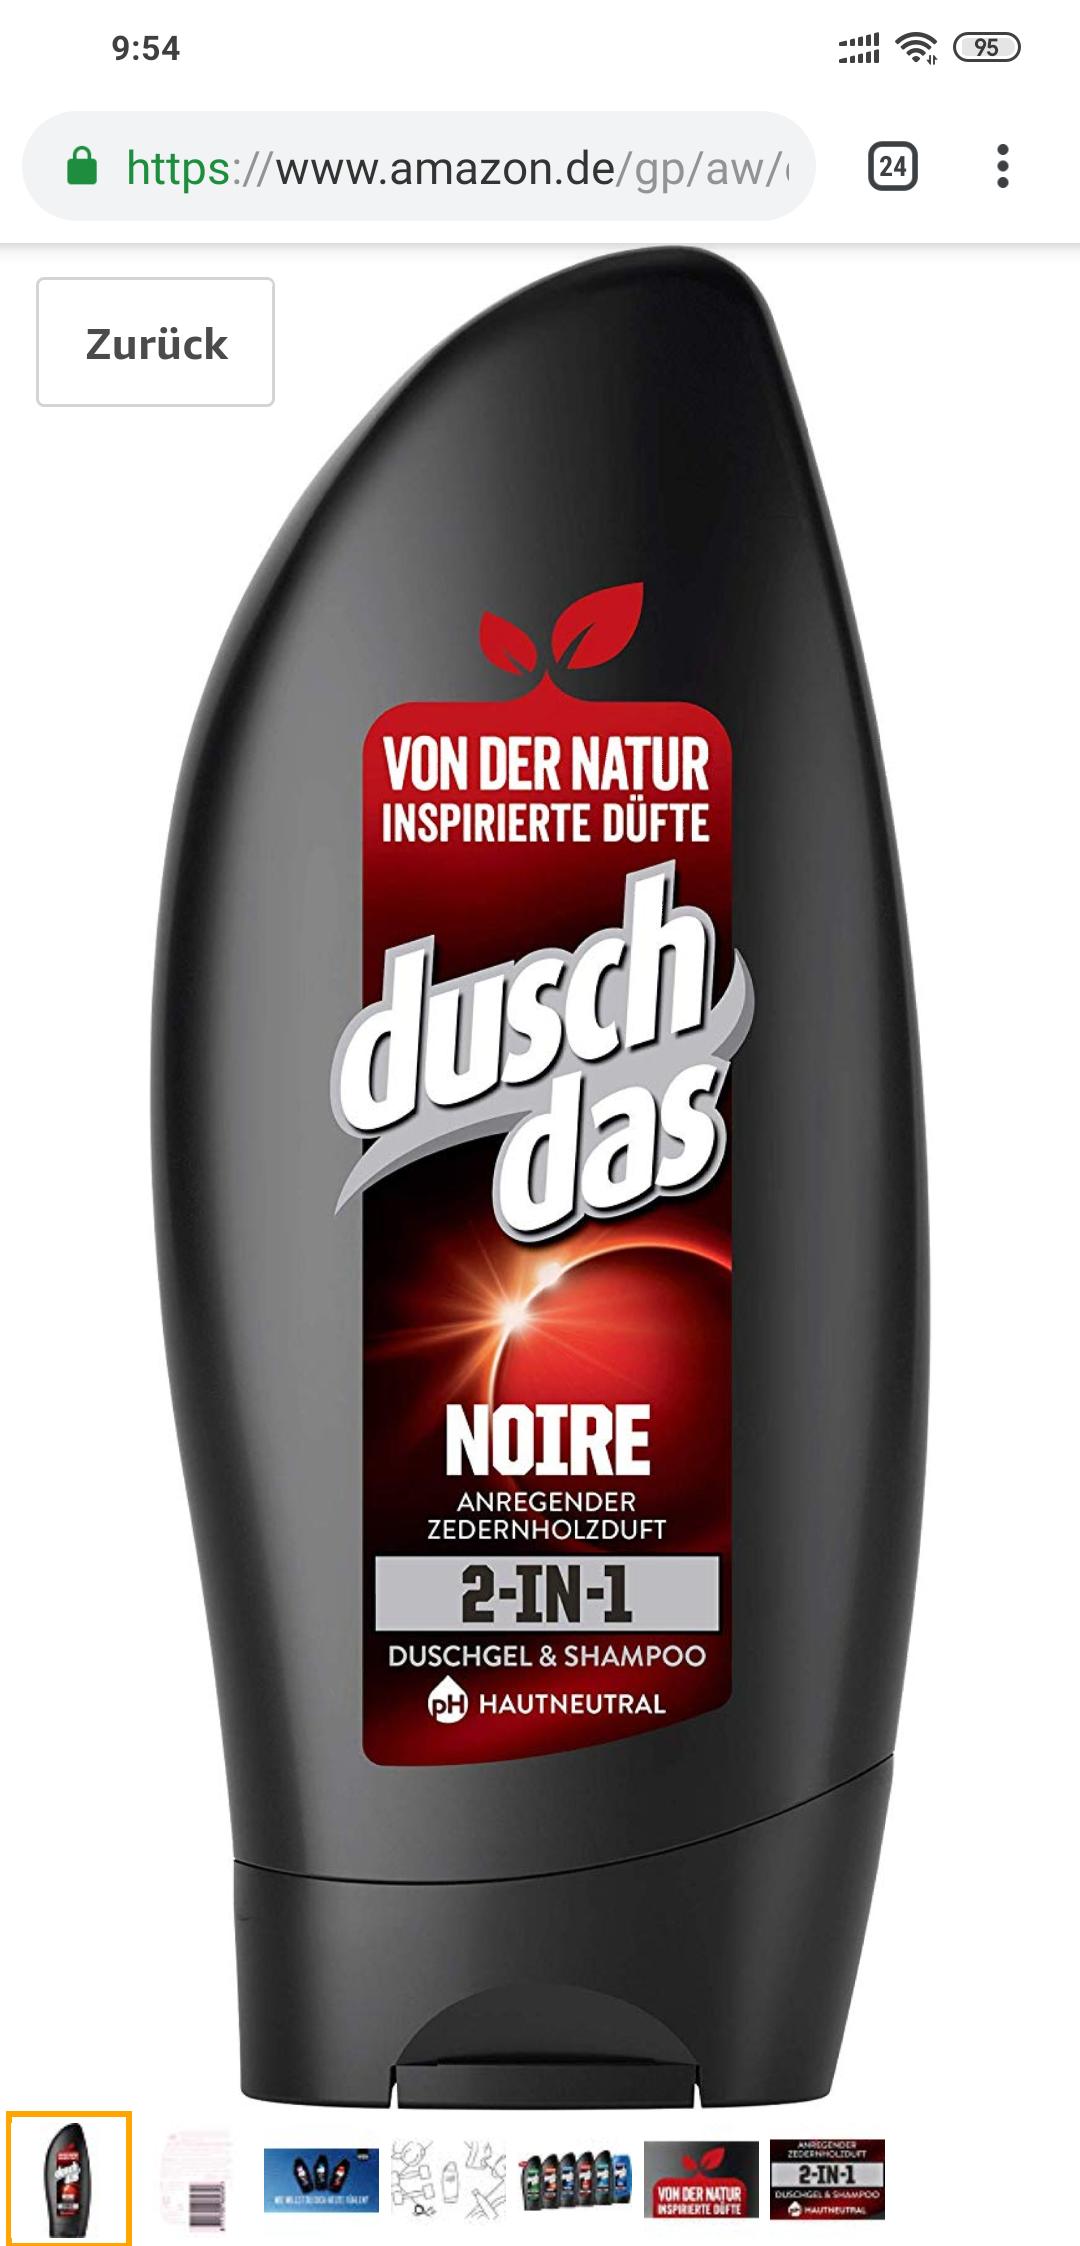 [Prime Plus] Duschdas Noire Duschgel (6x250ml)